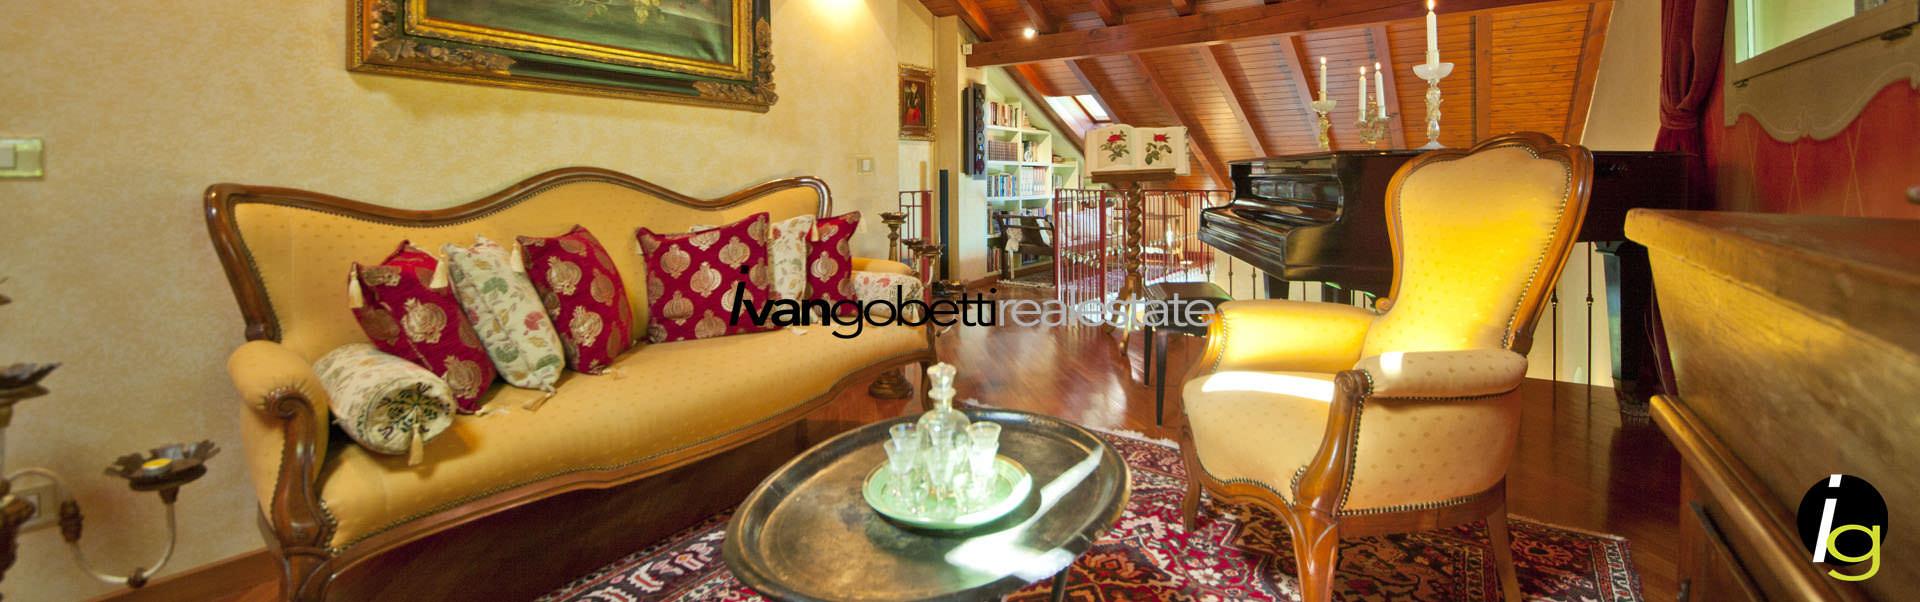 Vendesi lussuosa villa con parco botanico e piscina sulla costa lombarda del Lago Maggiore